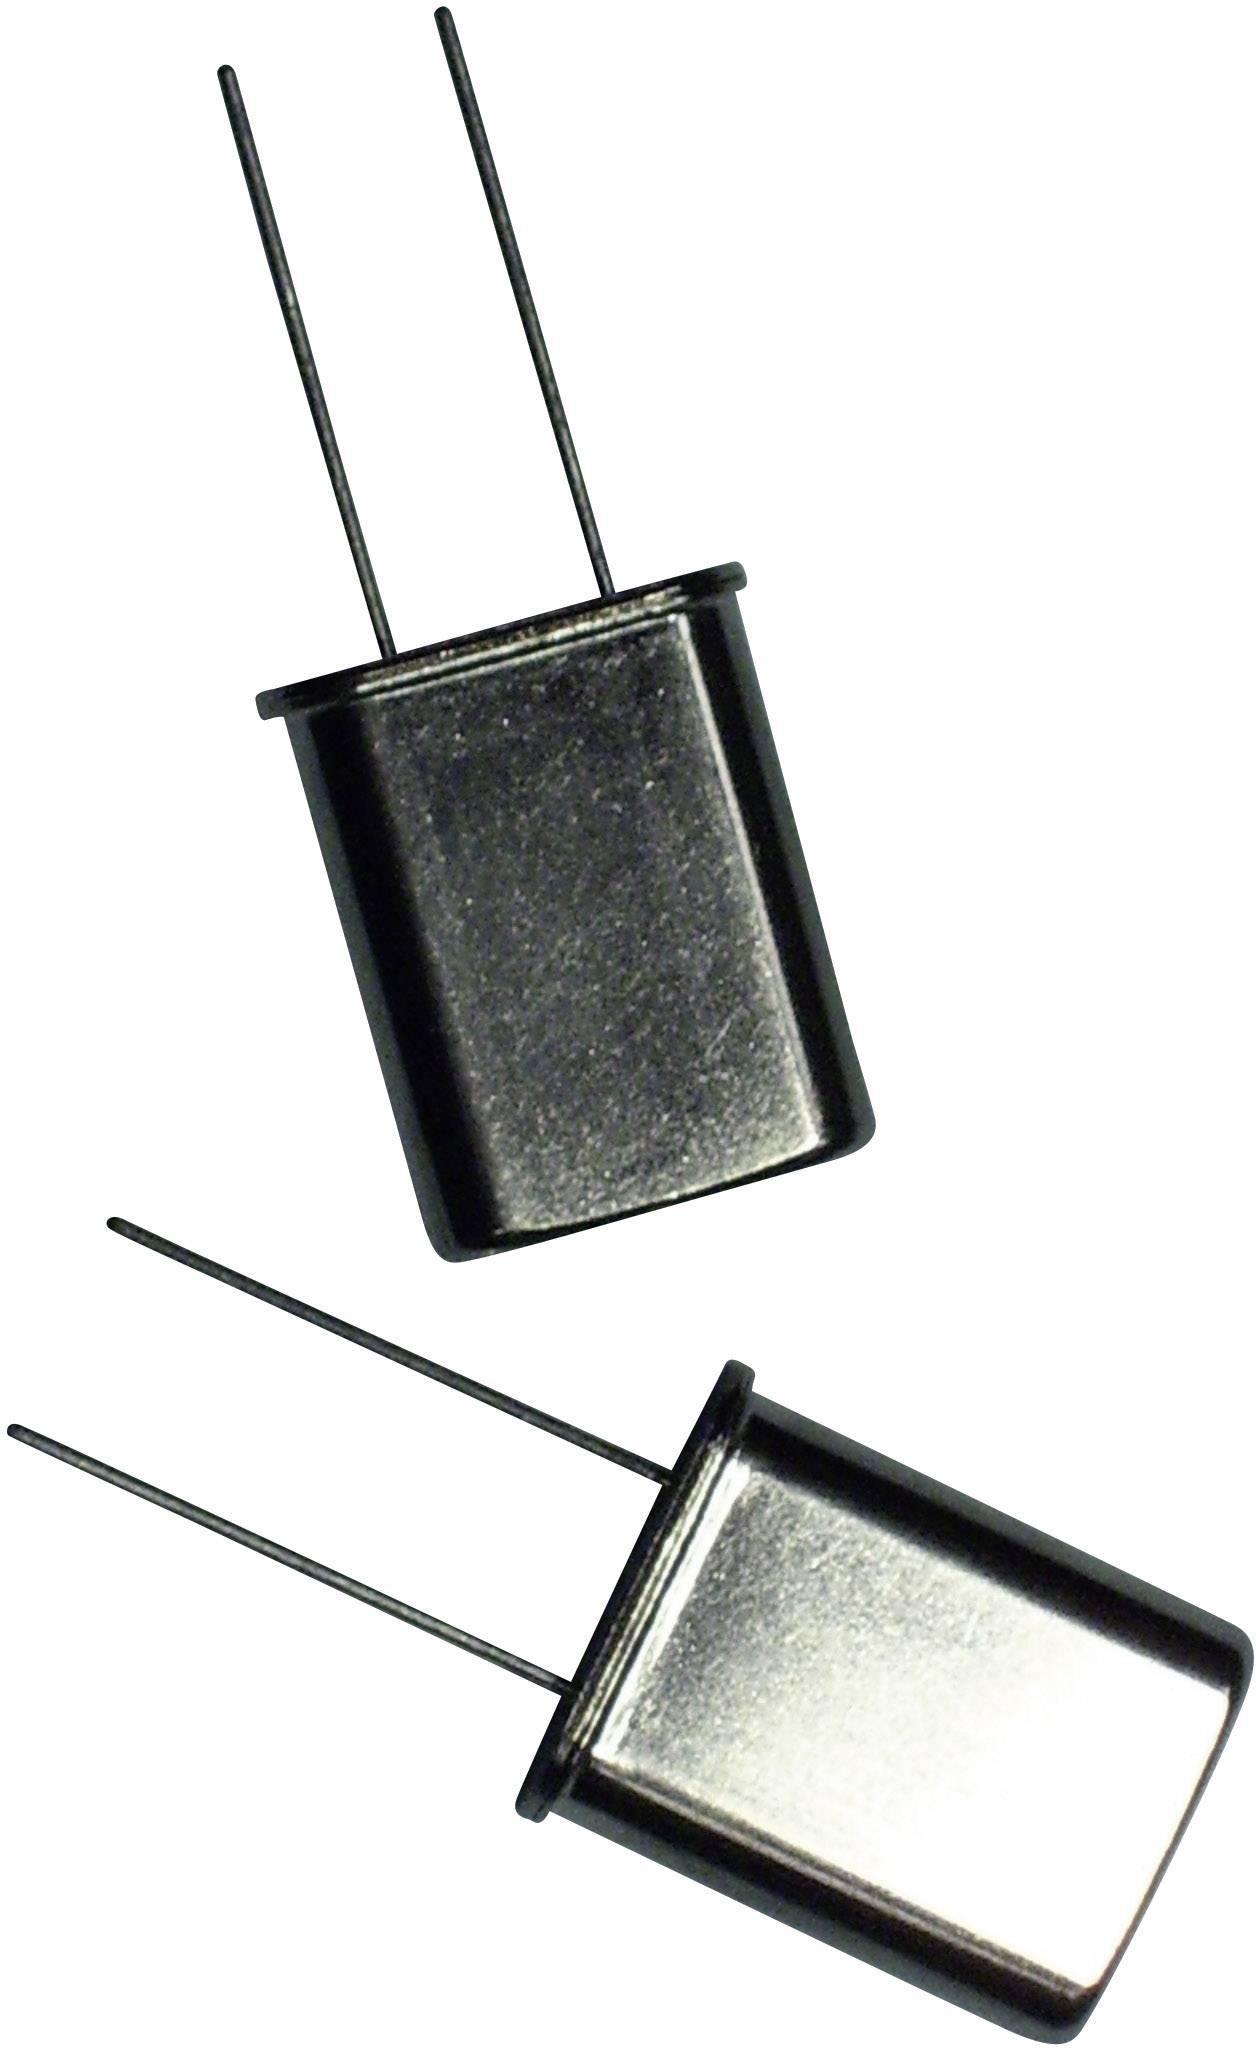 Krystal EuroQuartz, 7,3728 MHz, HC49, 30/50/40/18PF/ATF